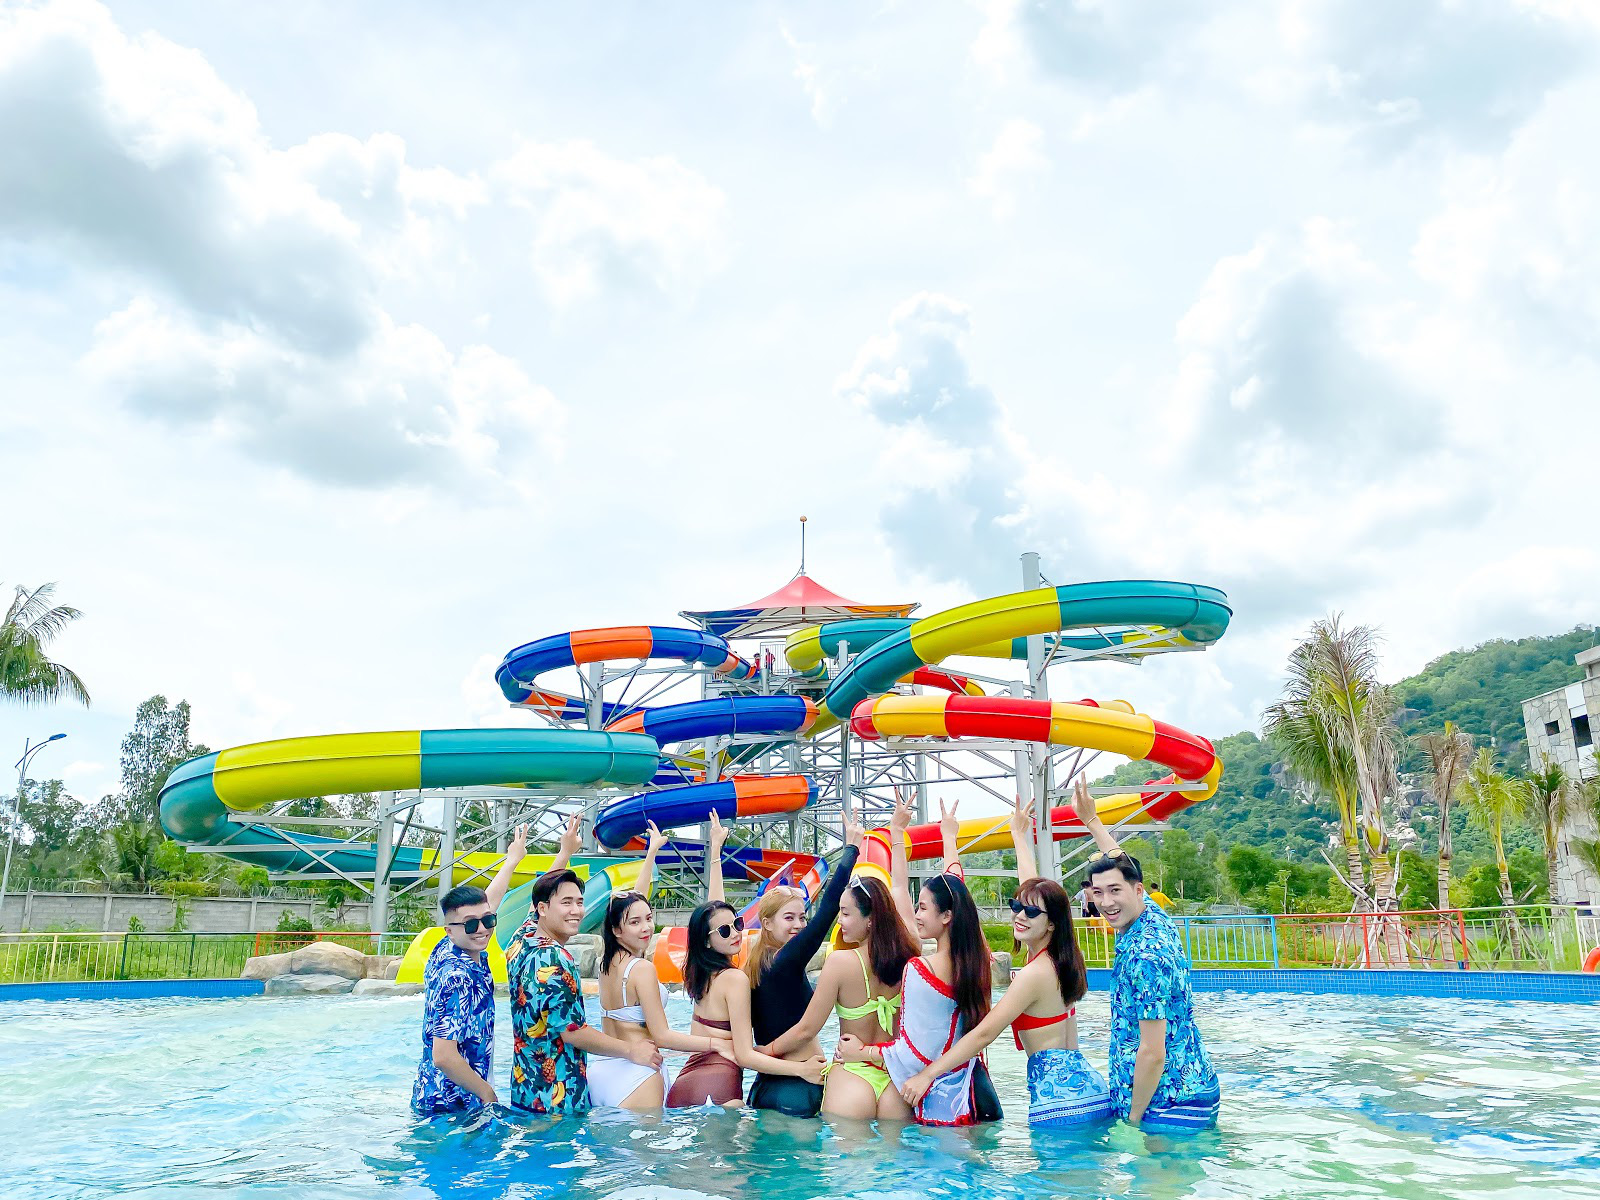 Điểm đến giải nhiệt mùa hè không thể bỏ qua của giới trẻ tại công viên nước Thanh Long Water Park An Giang - Ảnh 3.